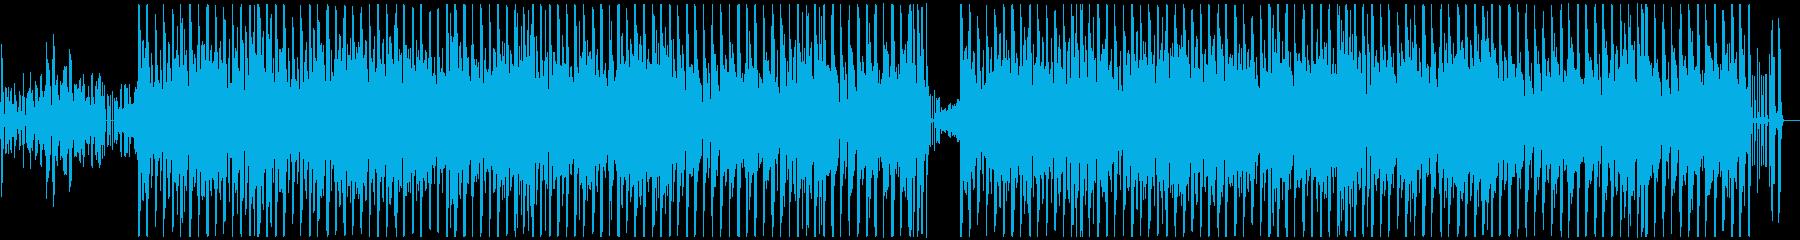 切なく悲しいバイオリンのマヌーシュジャズの再生済みの波形